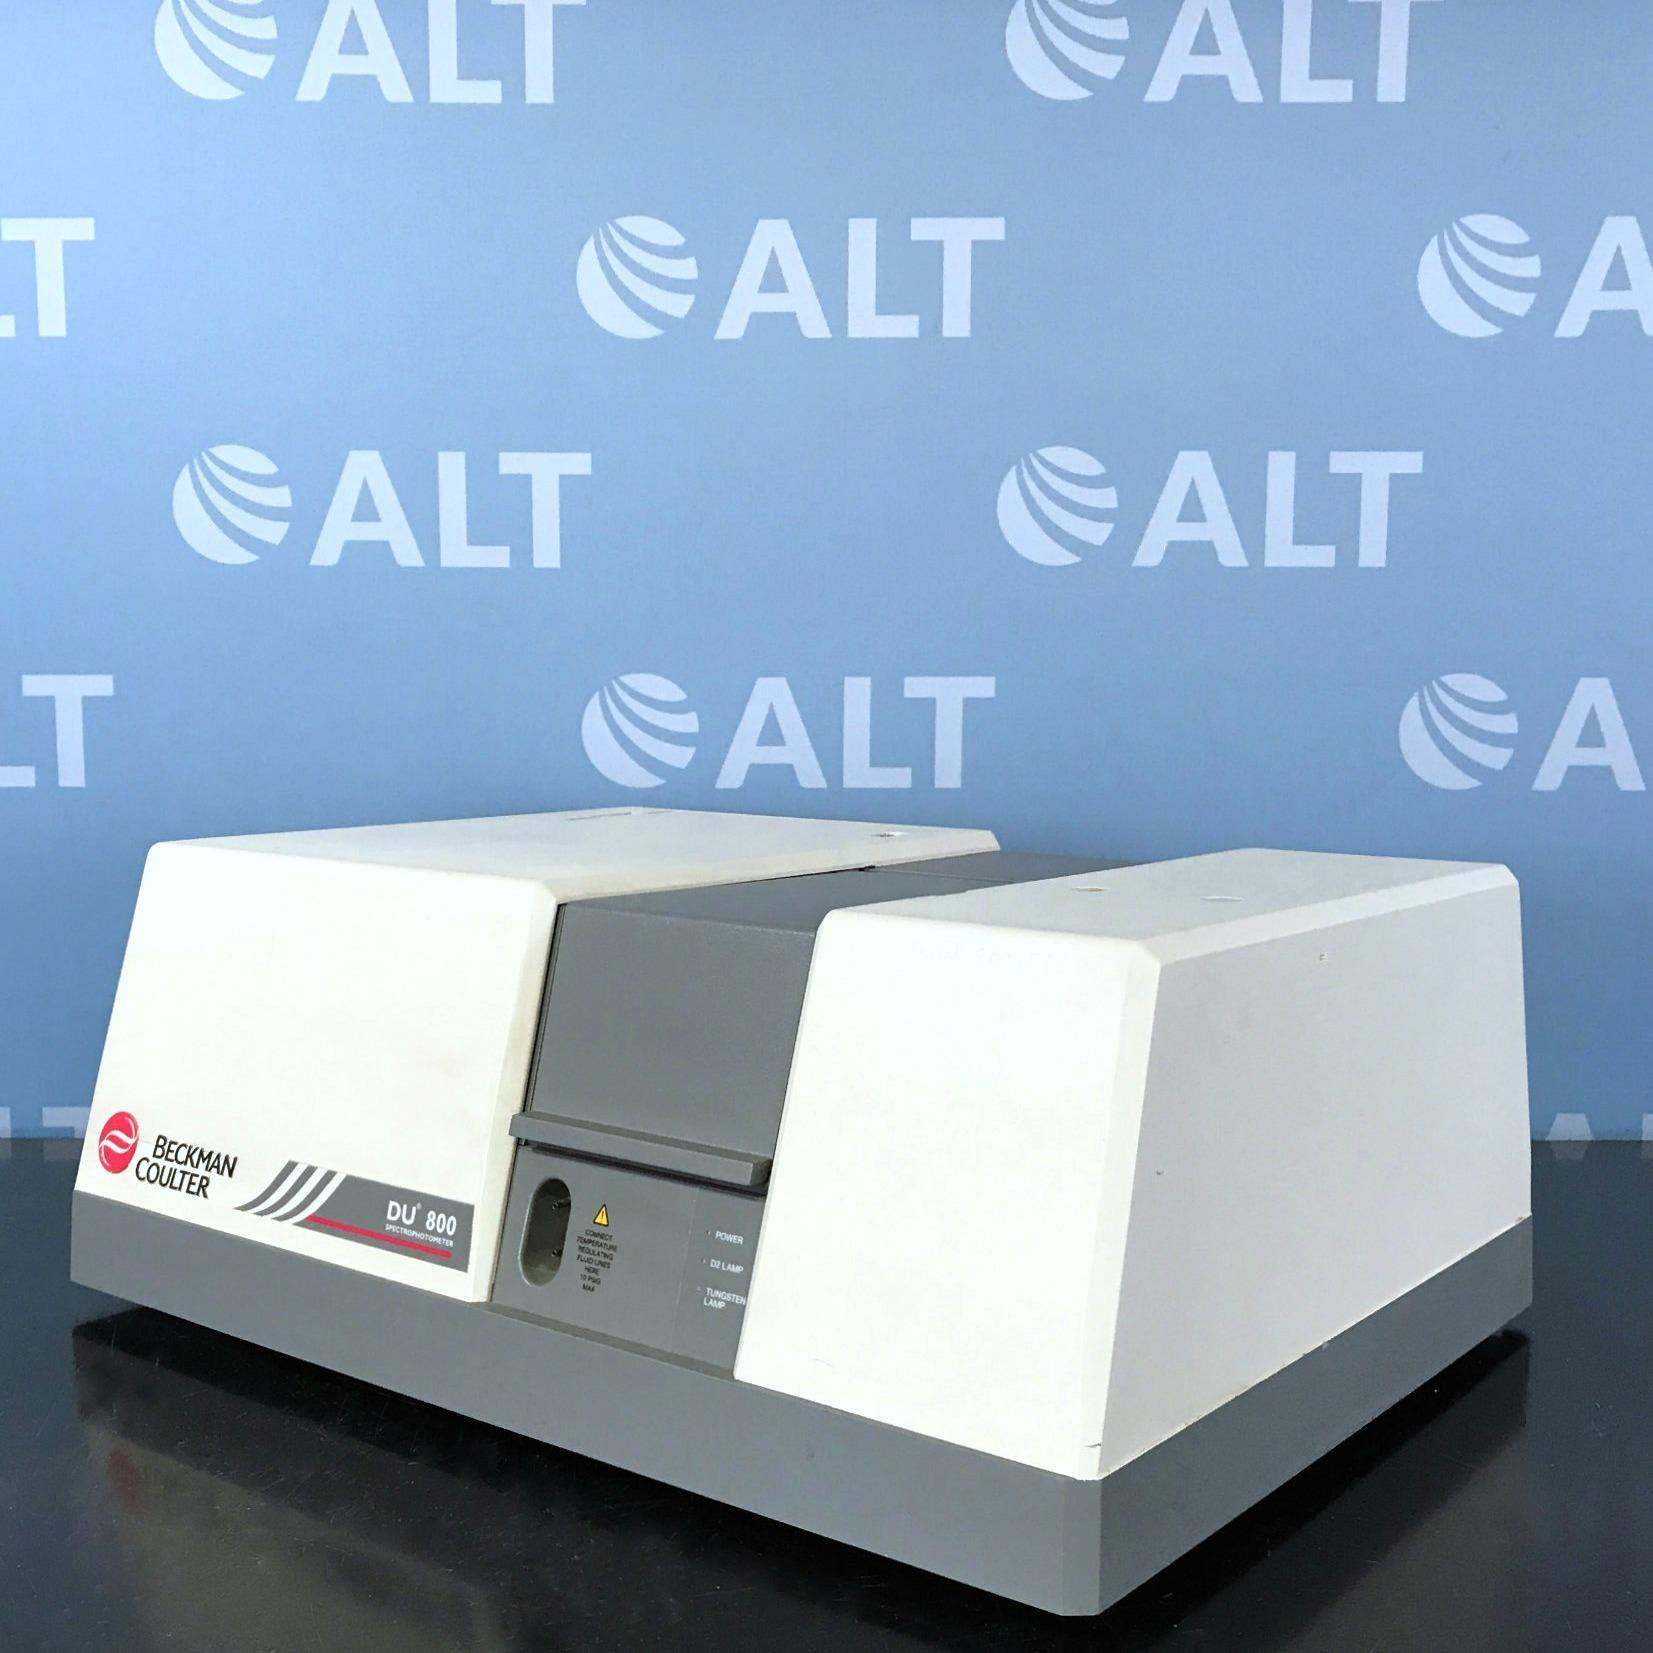 Beckman Coulter DU 800 UV/Visible Spectrophotometer Image